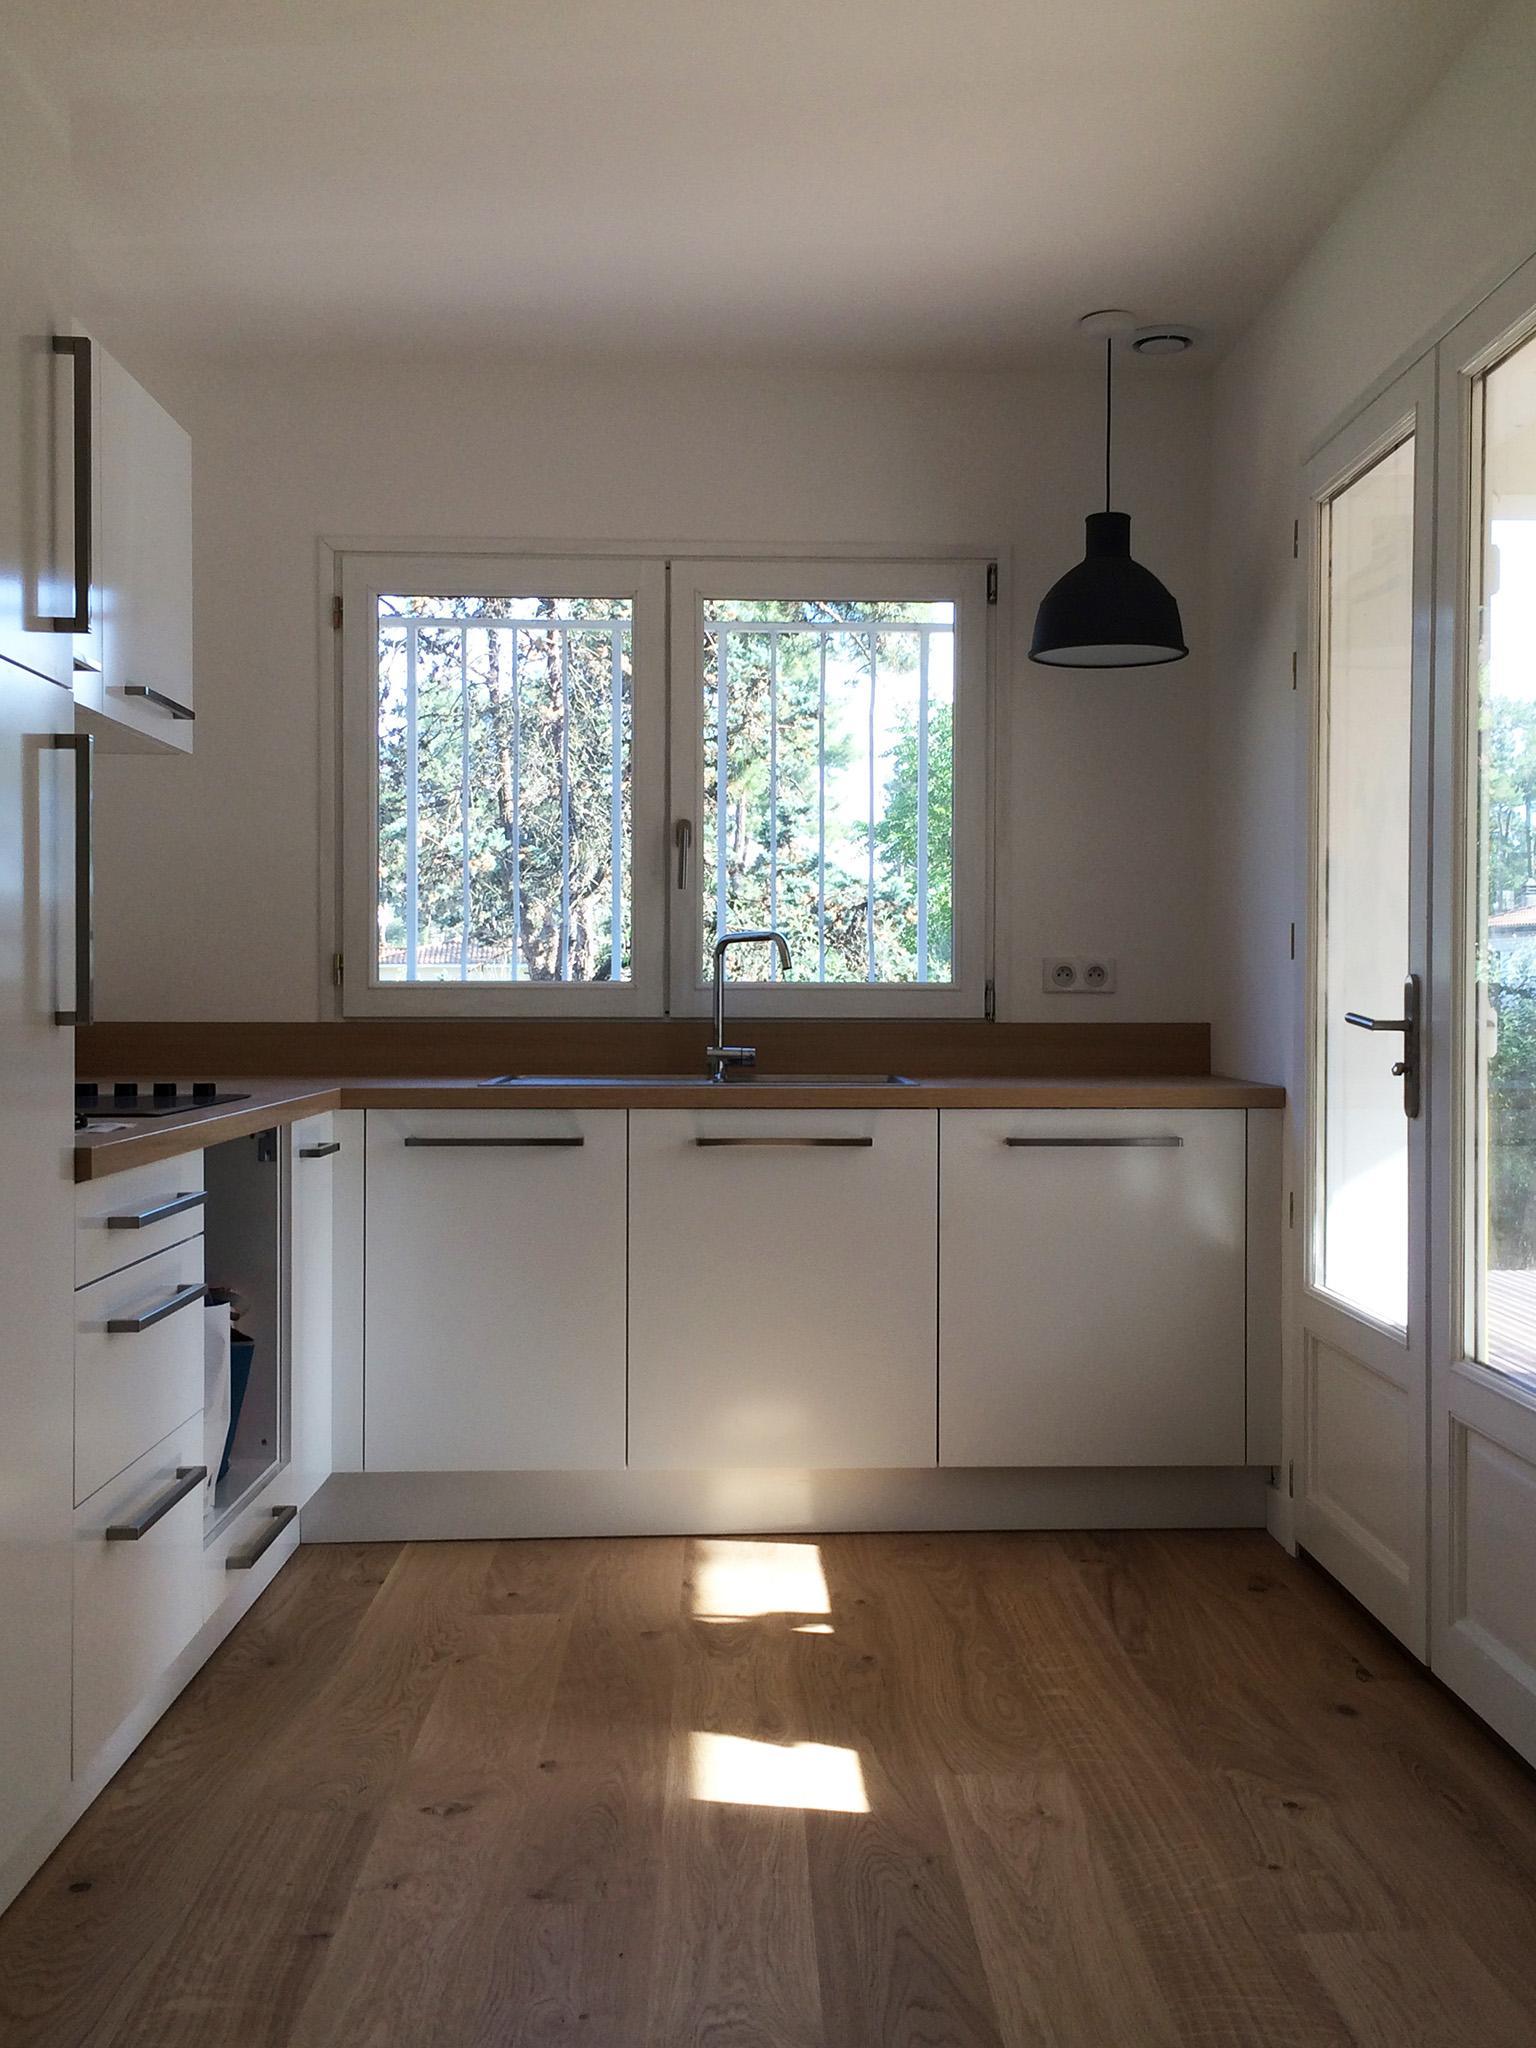 isabelle nathalie manicot architecte d 39 int rieur et d coration. Black Bedroom Furniture Sets. Home Design Ideas